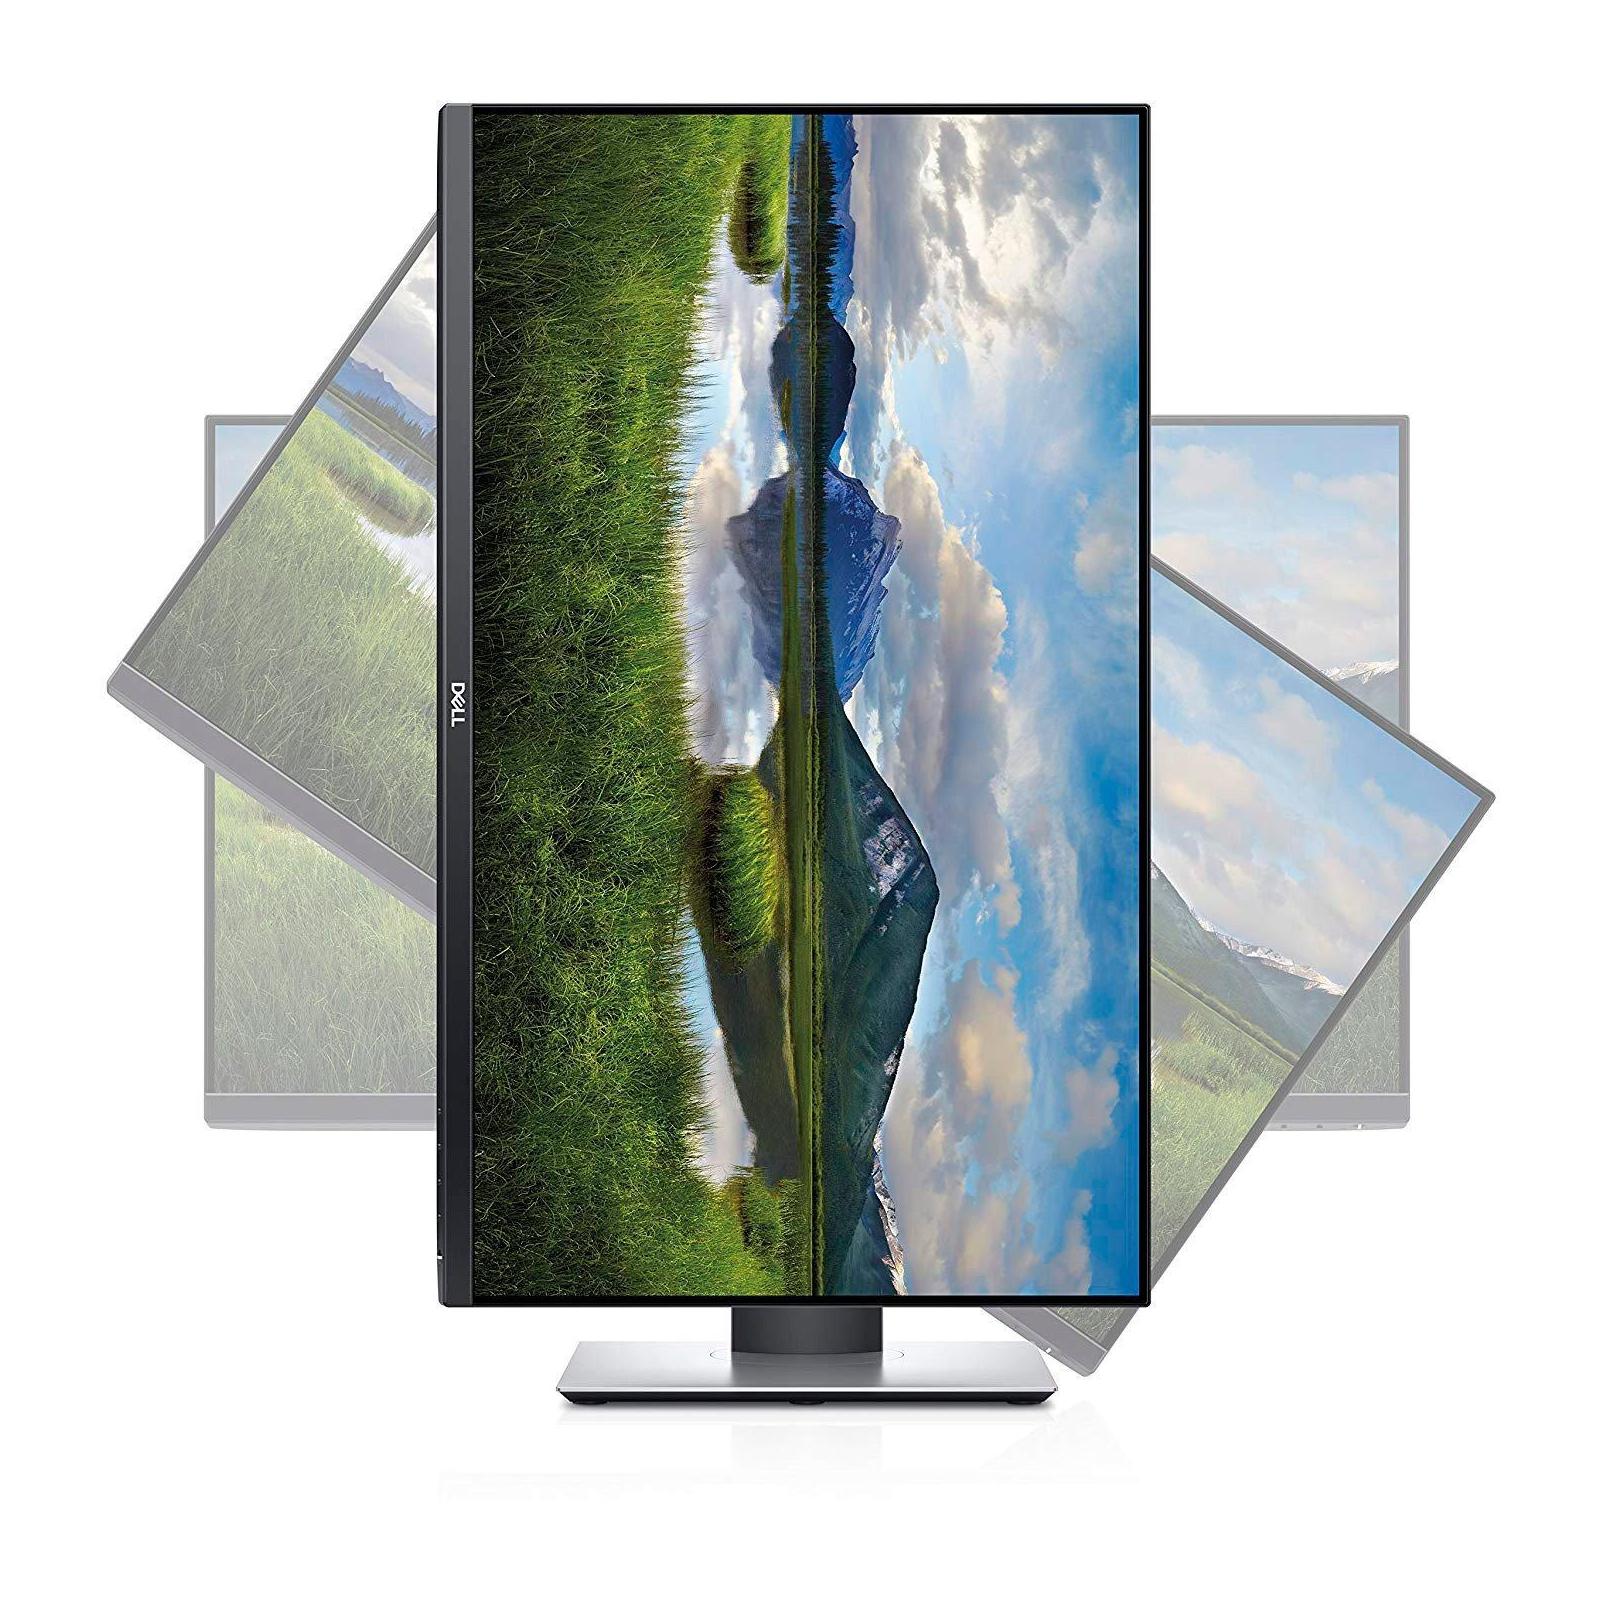 Монитор Dell P2219H (210-APWR) изображение 4